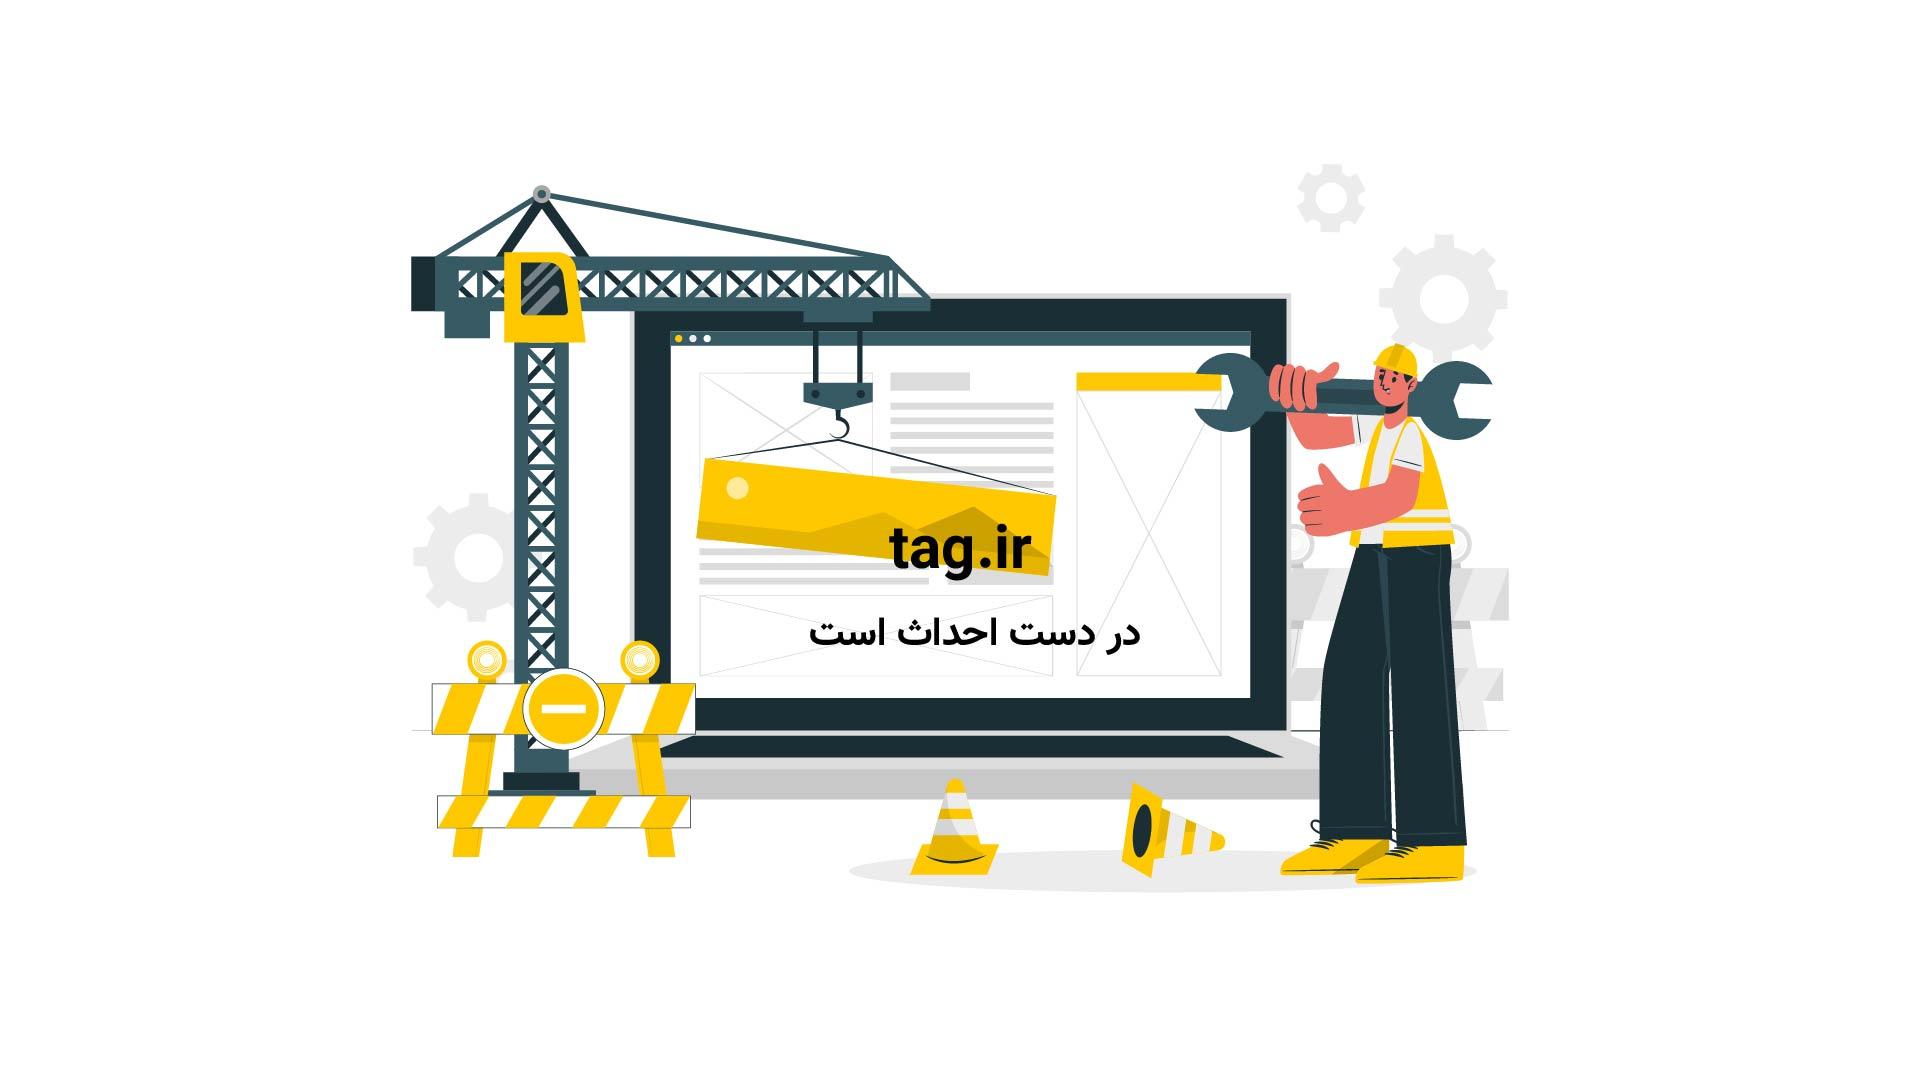 با استفاده از لامپ ها سوخته تراریوم درست کنید | فیلم